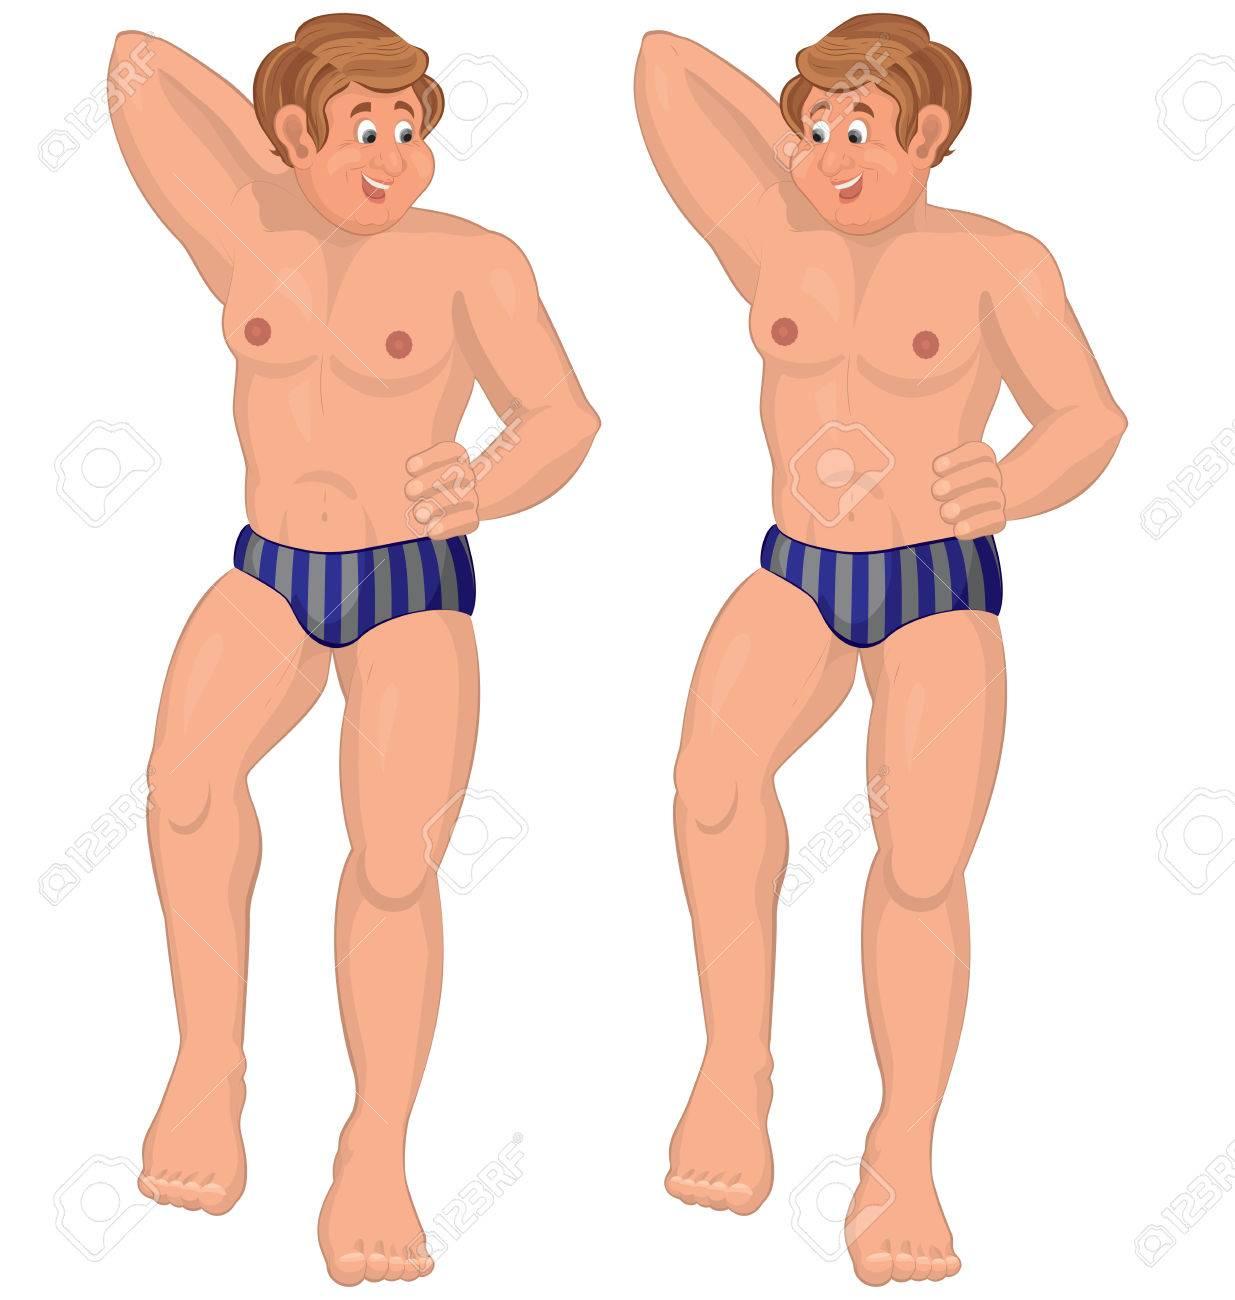 Dessinée Sexe Illustration Masculin Personnages Bande De Deux kXn8PwON0